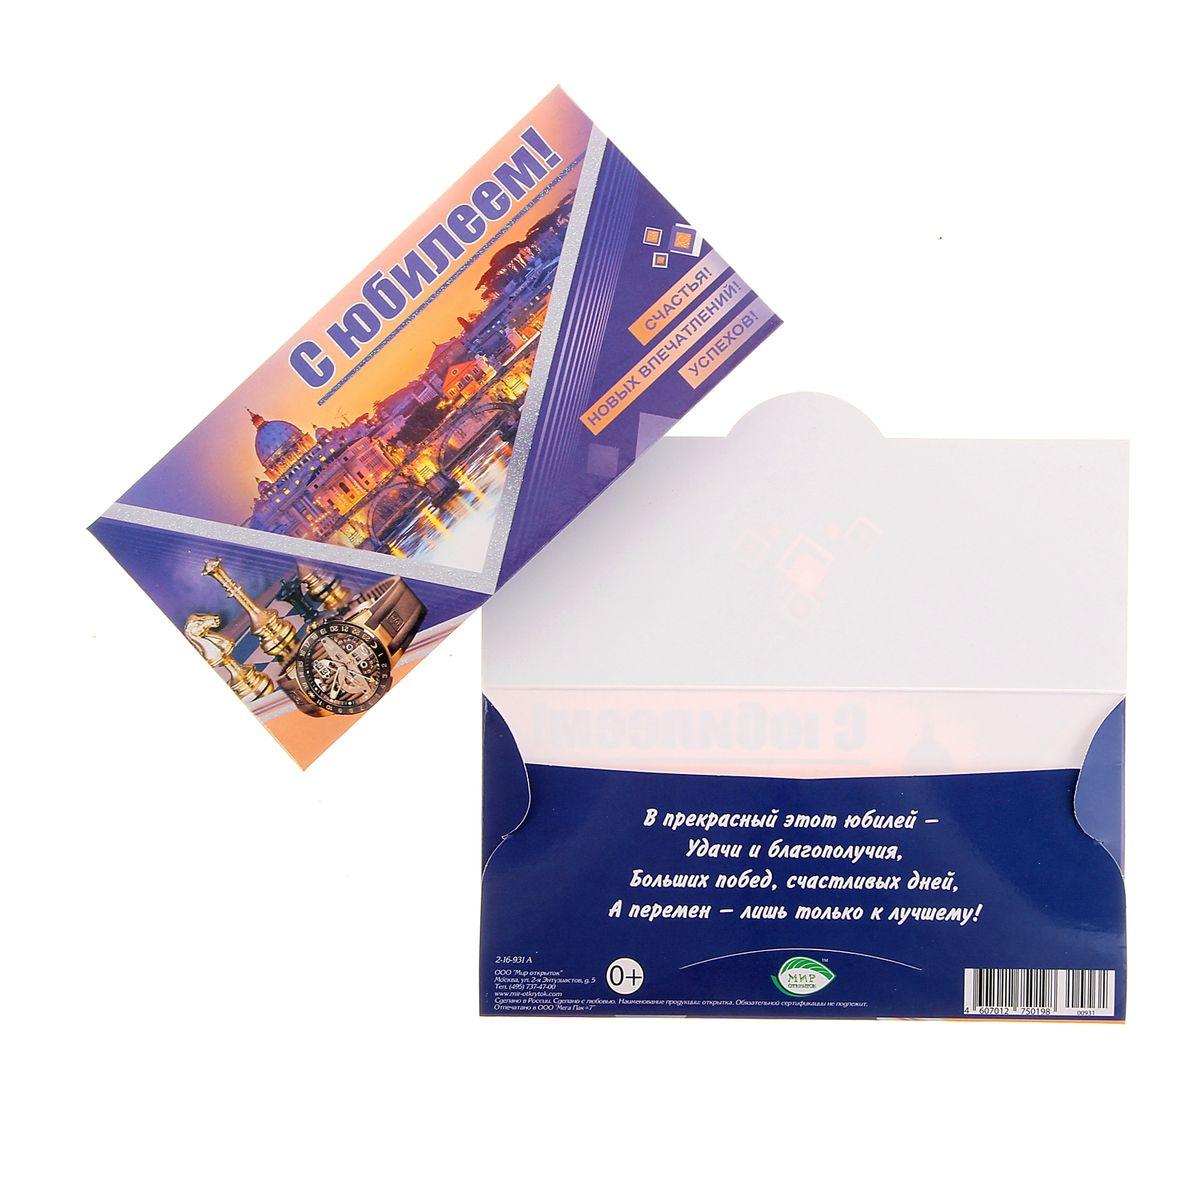 Конверт для денег С юбилеем!. 10520111052011Конверт для денег С юбилеем! выполнен из плотной бумаги и украшен оригинальной картинкой, соответствующей событию. Это необычная красивая одежка для денежного подарка, а так же отличная возможность сделать его более праздничным и создать прекрасное настроение! Конверт содержит небольшое стихотворное поздравление.